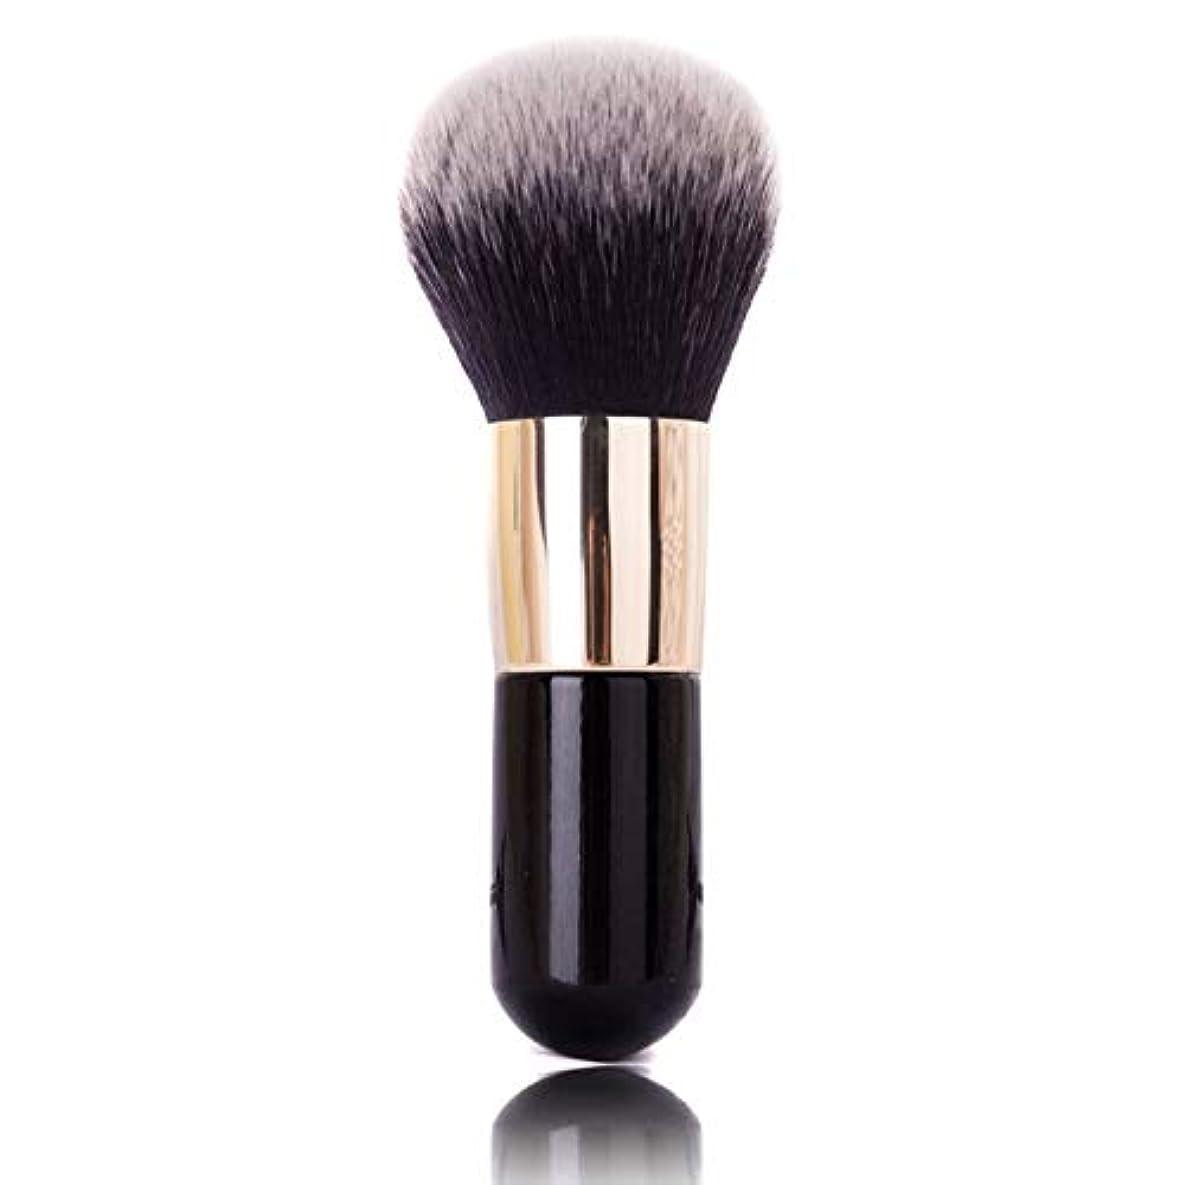 旅ゆるくジョガーTOOGOO 化粧ブラシ美容パウダーフェイスブラッシュブラシ大化粧品柔らかい 基礎的なメイクアップツール